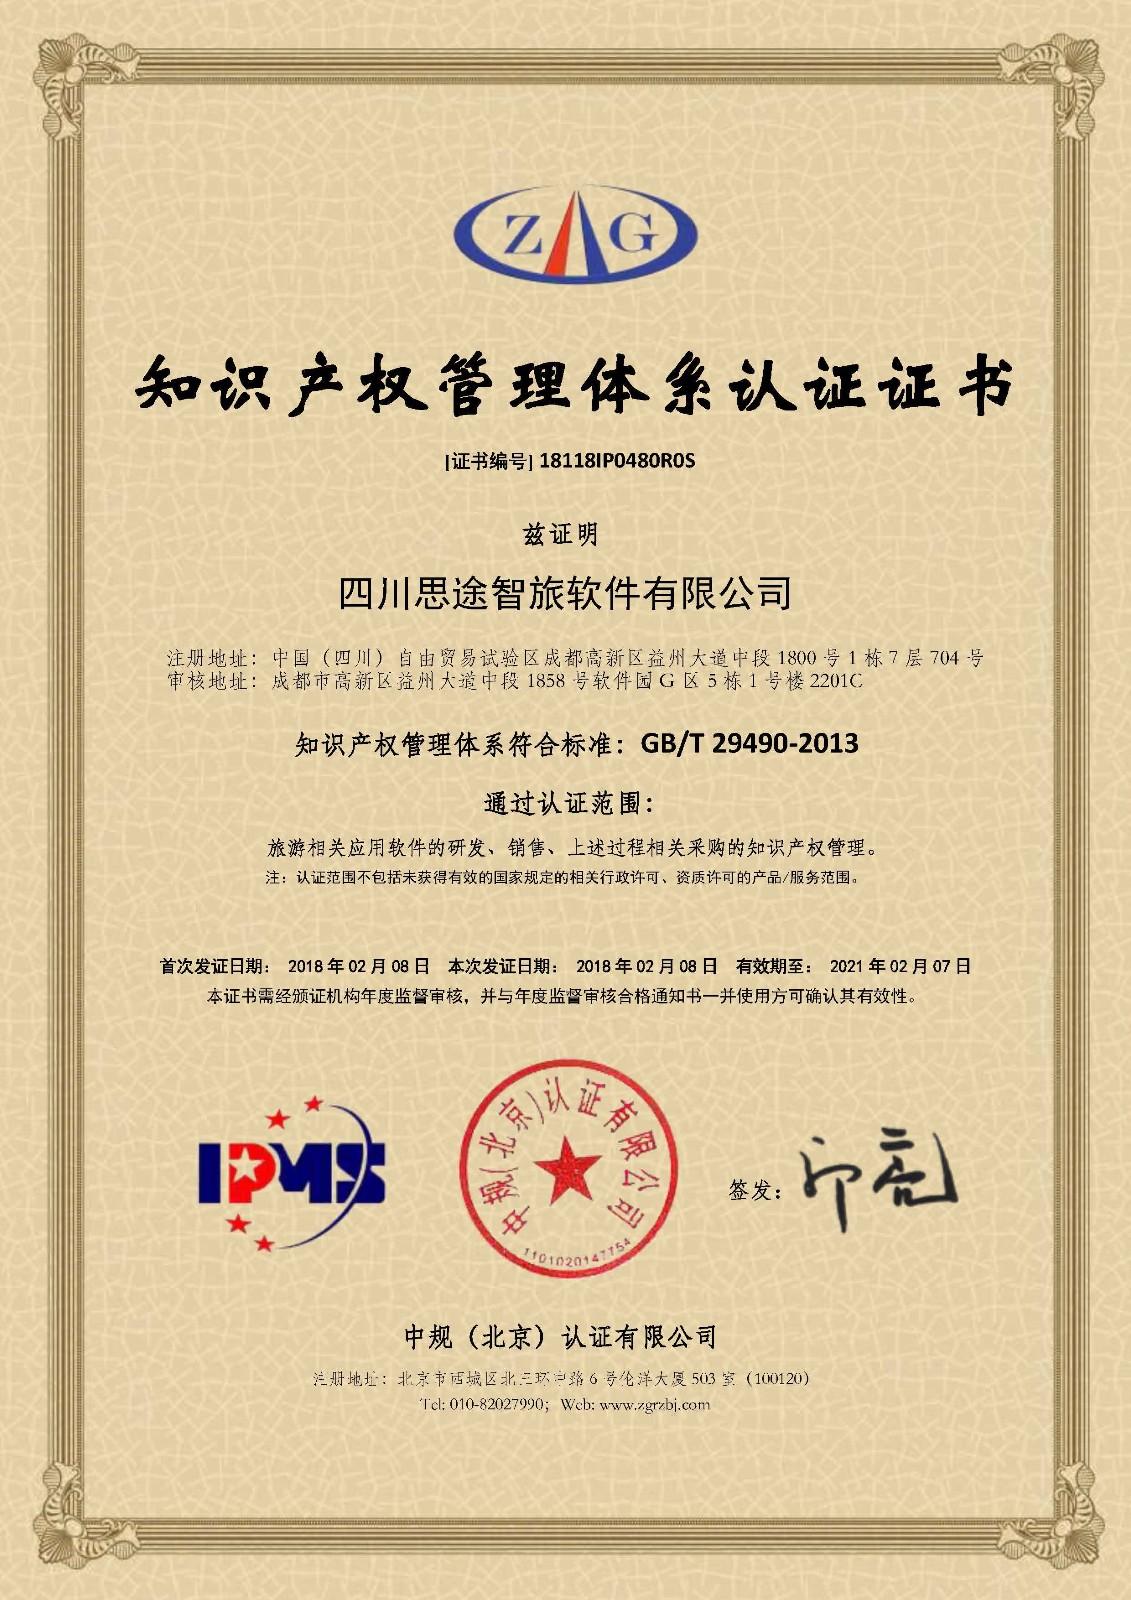 热烈祝贺思途智旅通过国家知识产权管理体系认证